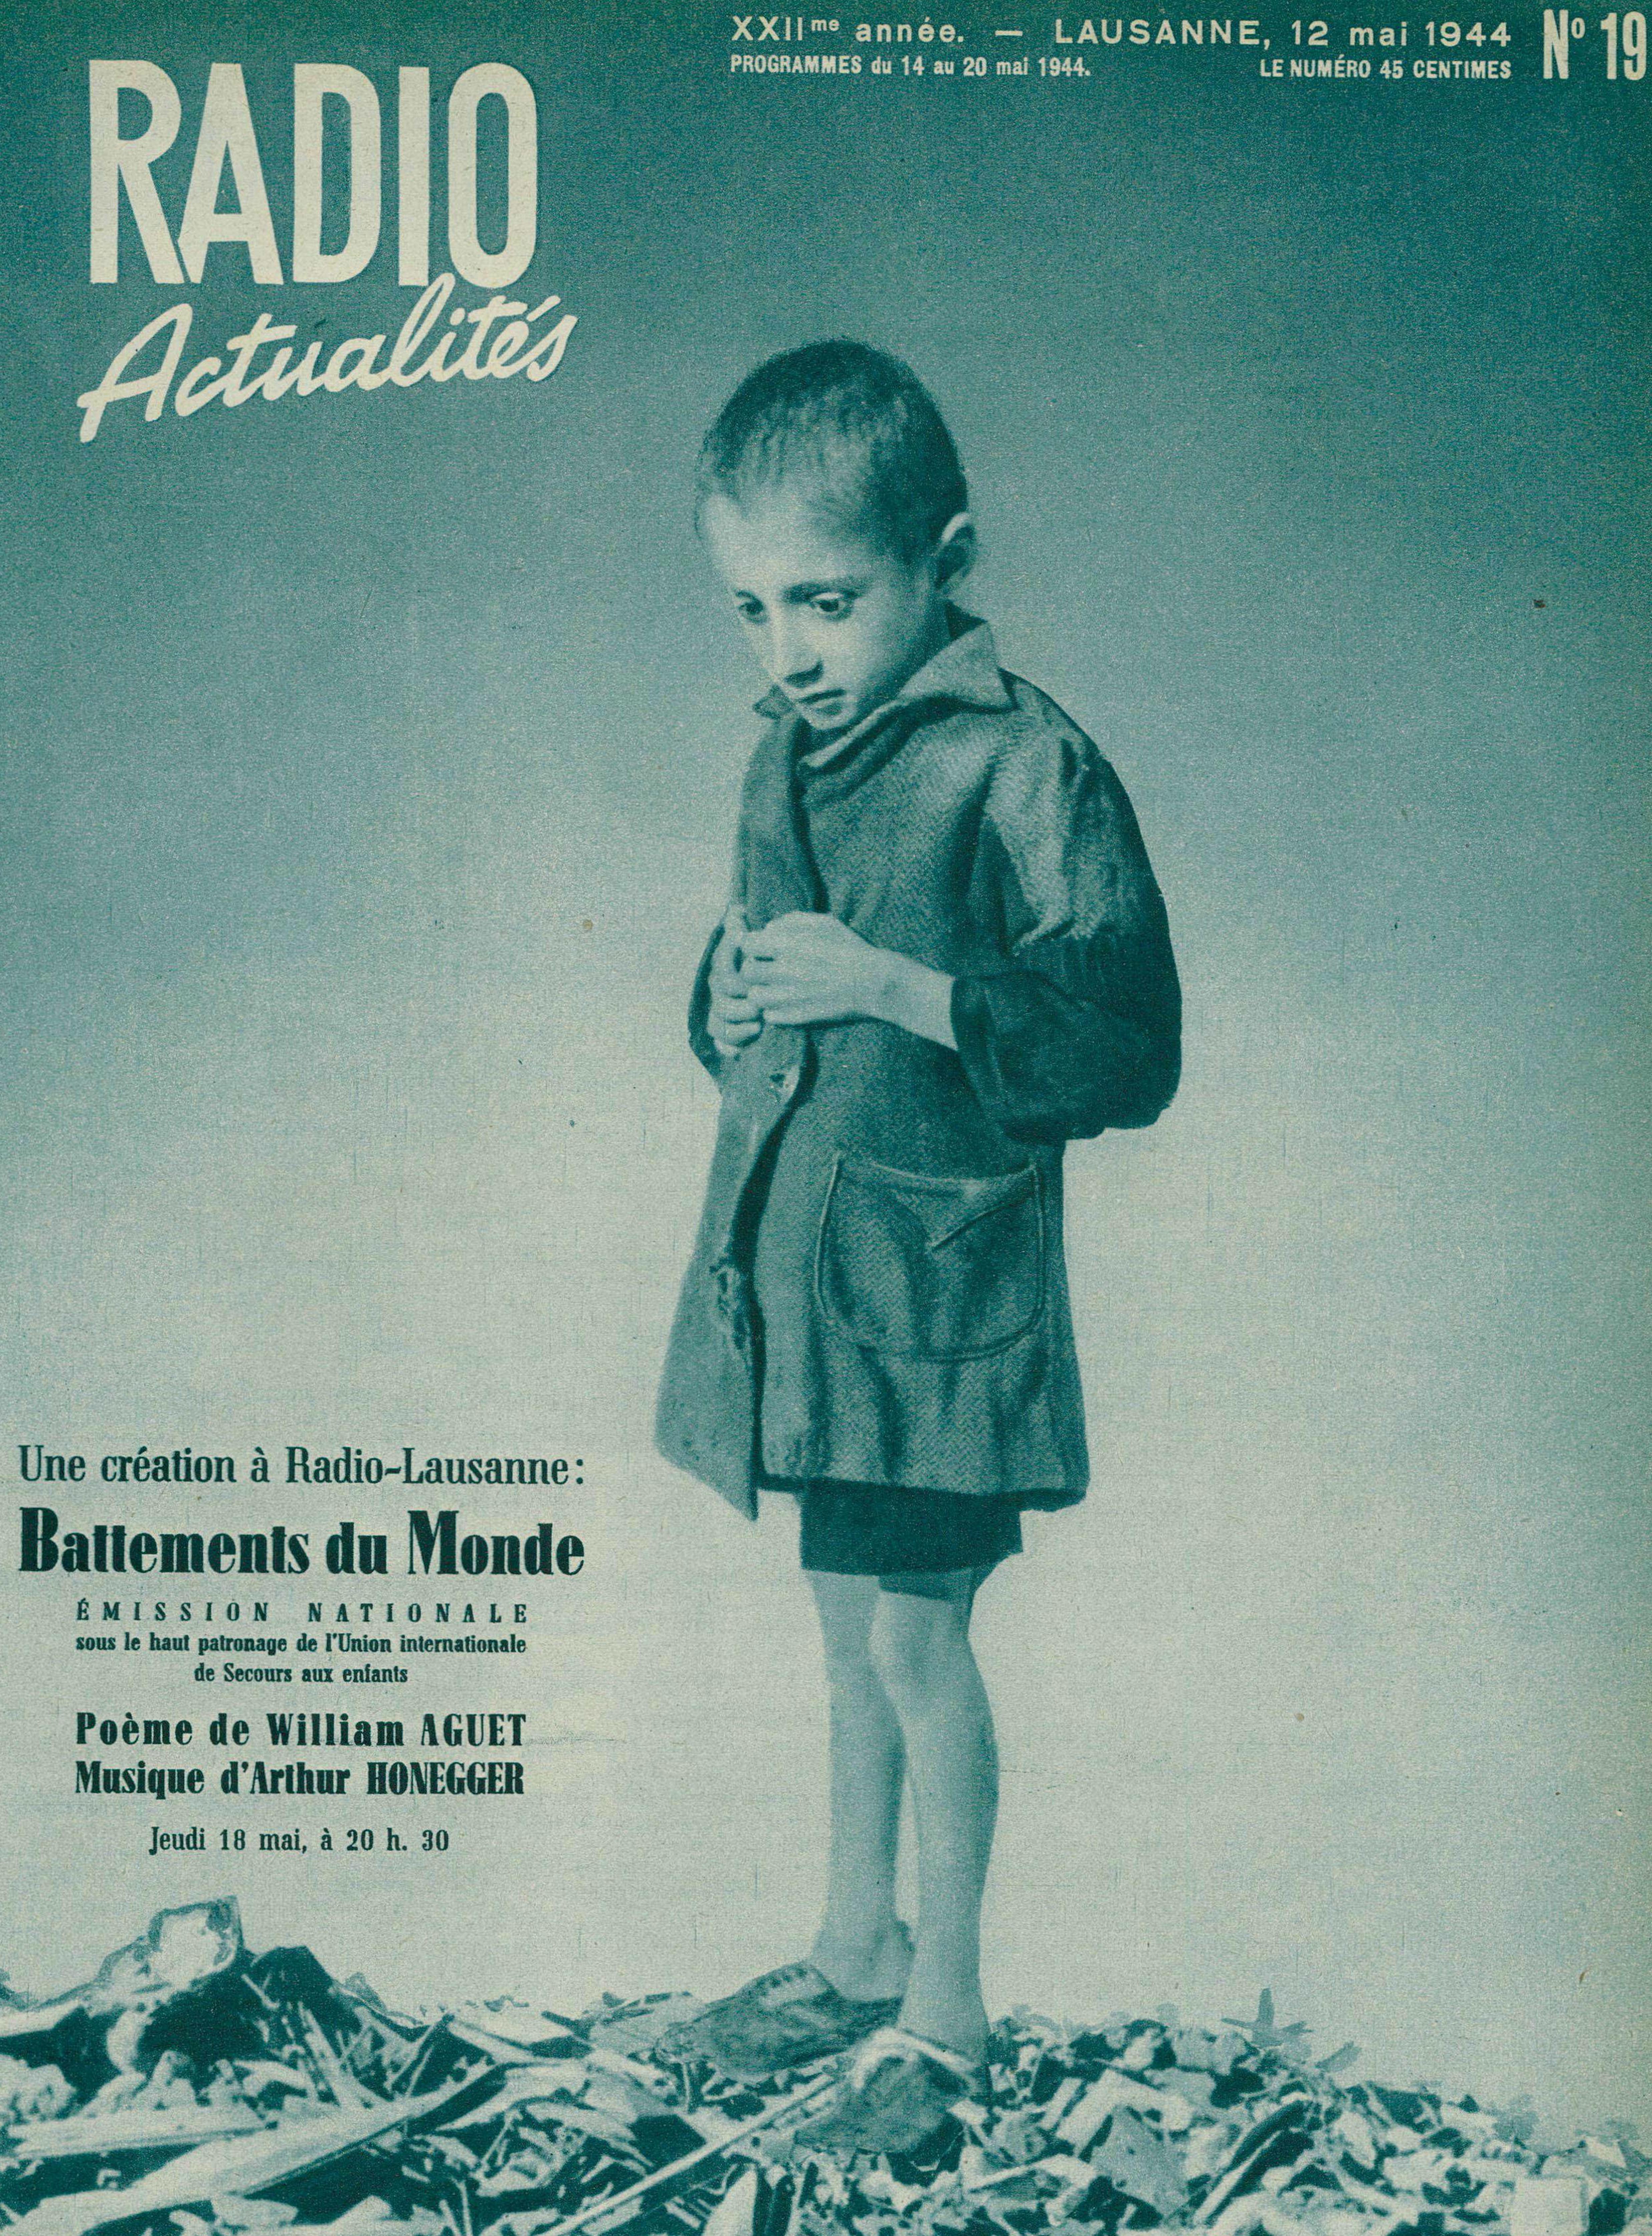 Page de couverture de Radio Actualités du 12 mai 1944